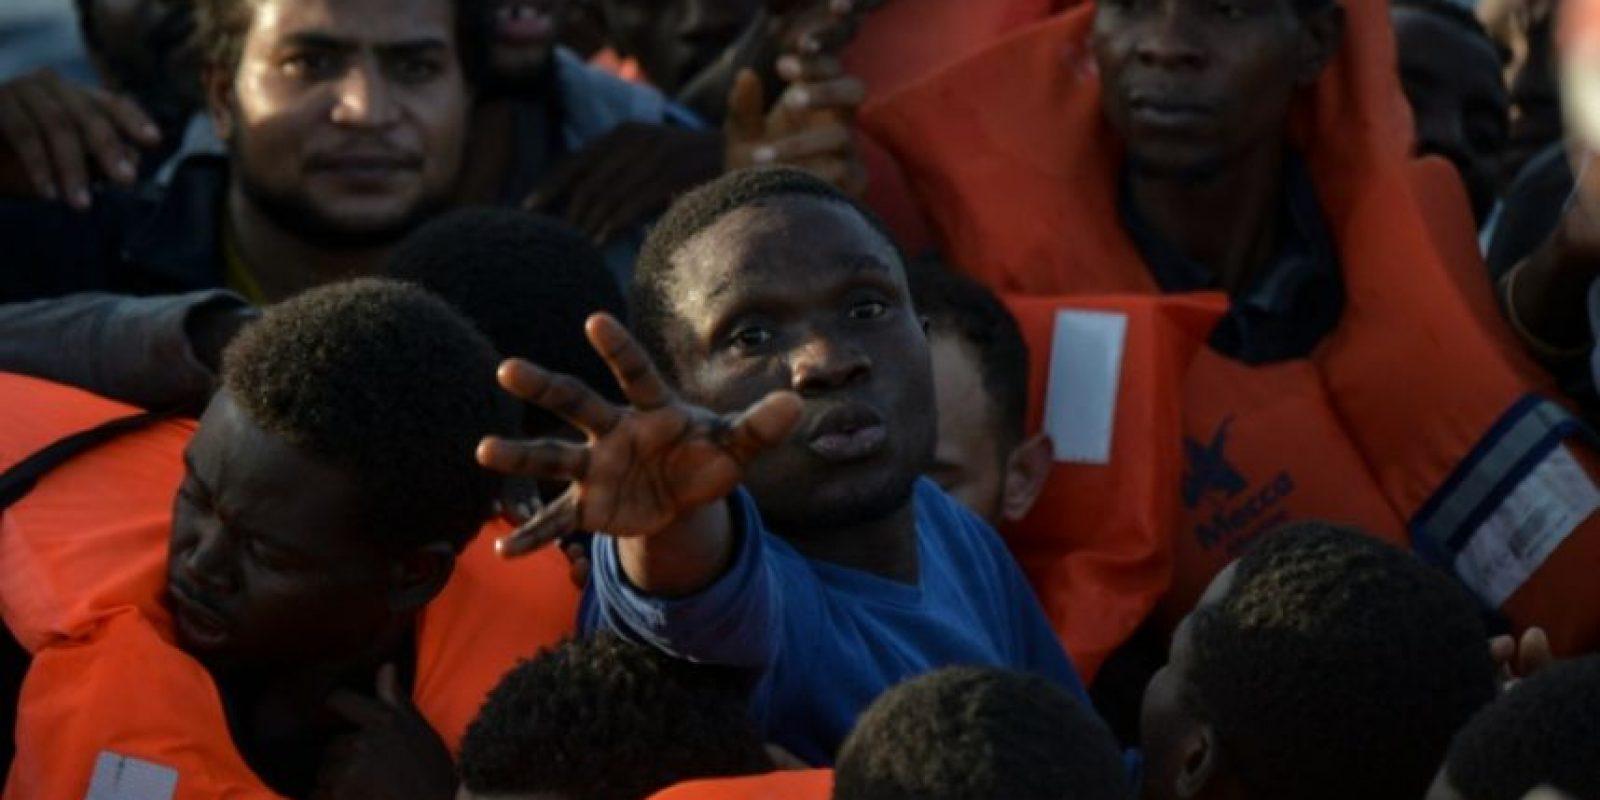 Migrantes y refugiados esperan chalecos salvavidas en un bote después de haber sido socorridos en el mar Mediterráneo frente a las costas libias el 3 de noviembre de 2016 Foto:Andreas Solaro/afp.com